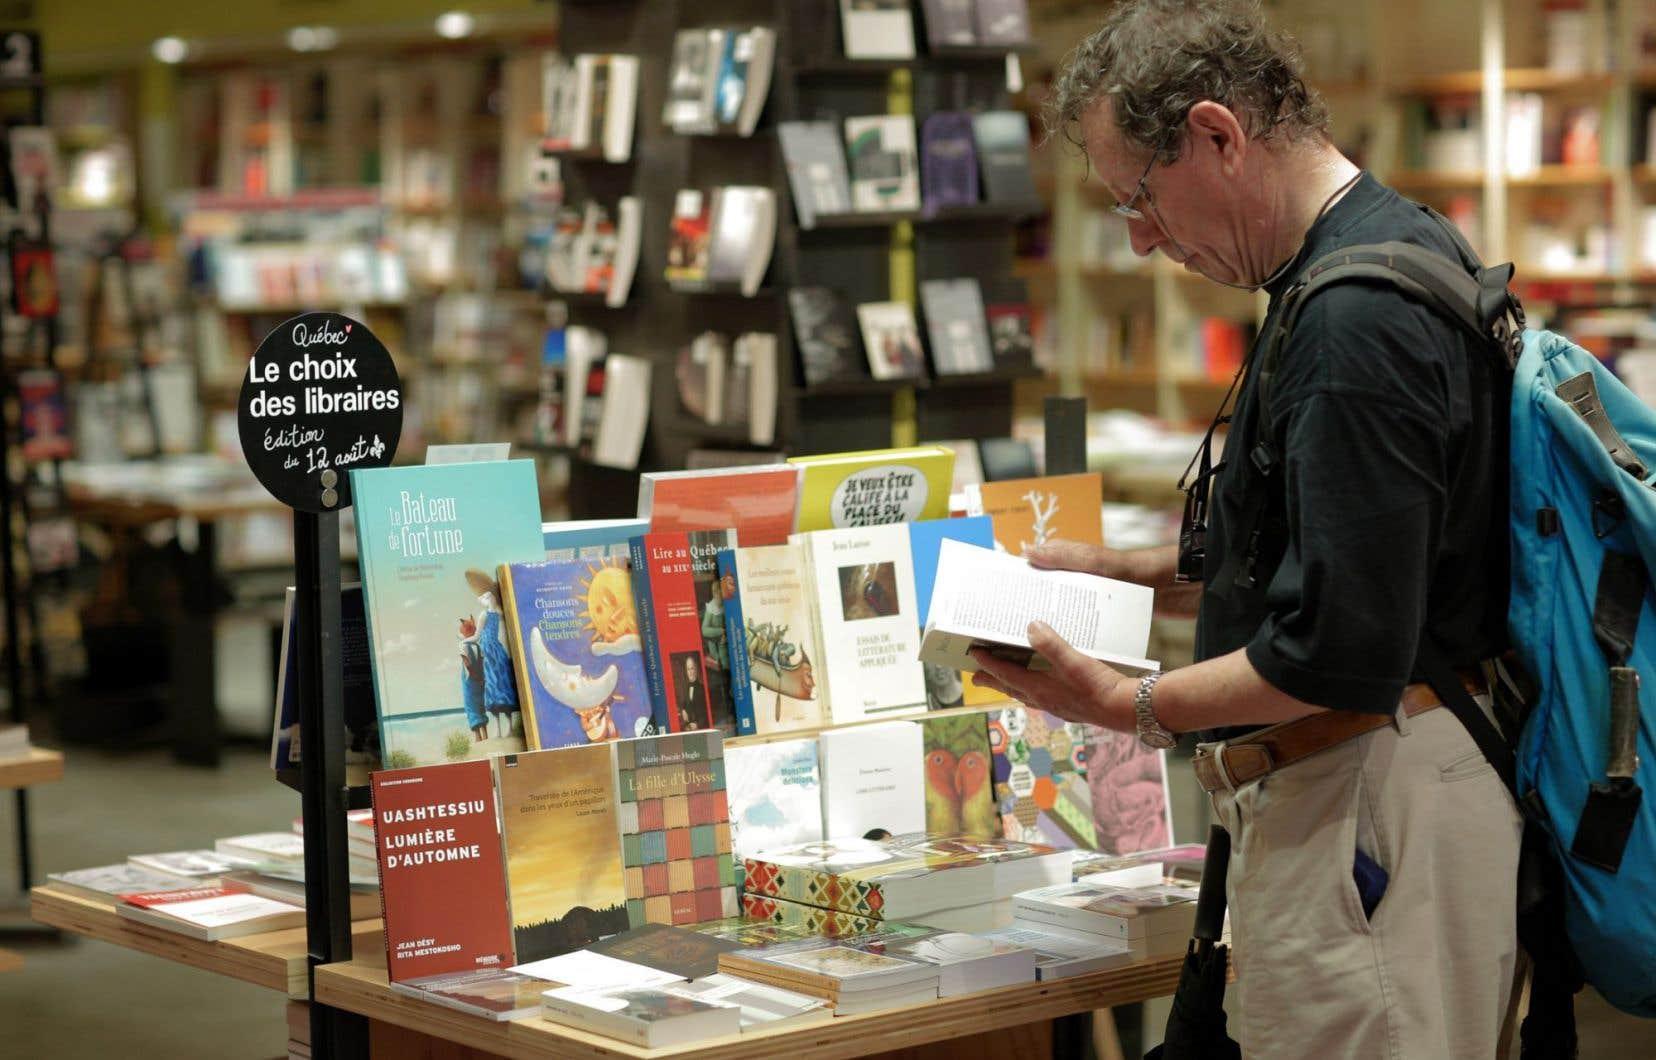 La librairie Olivieri, à Montréal.Tant dans les grandes chaînes que dans les librairies indépendantes, la suggestion de titres a été la manière d'annoncer le 12 août.